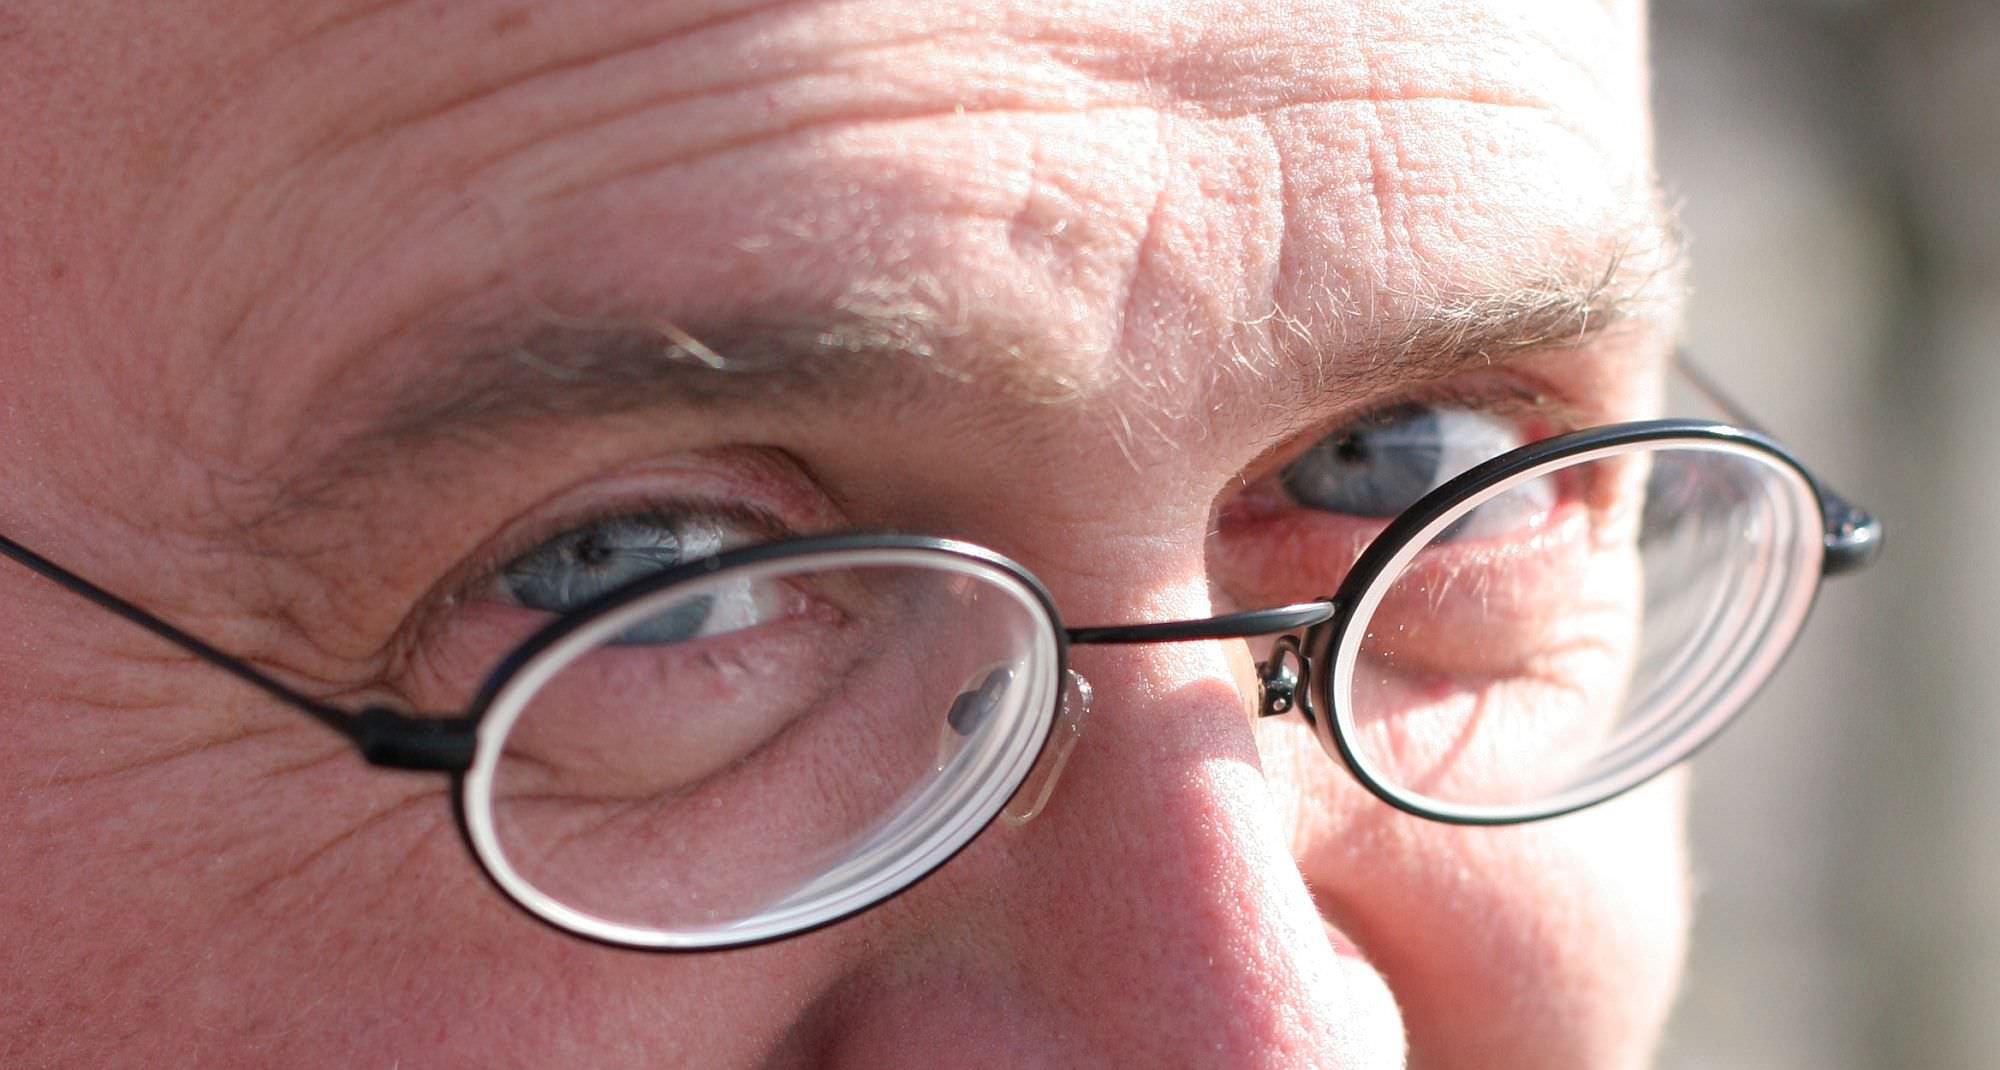 Kais Augen mit verschmitztem Blick